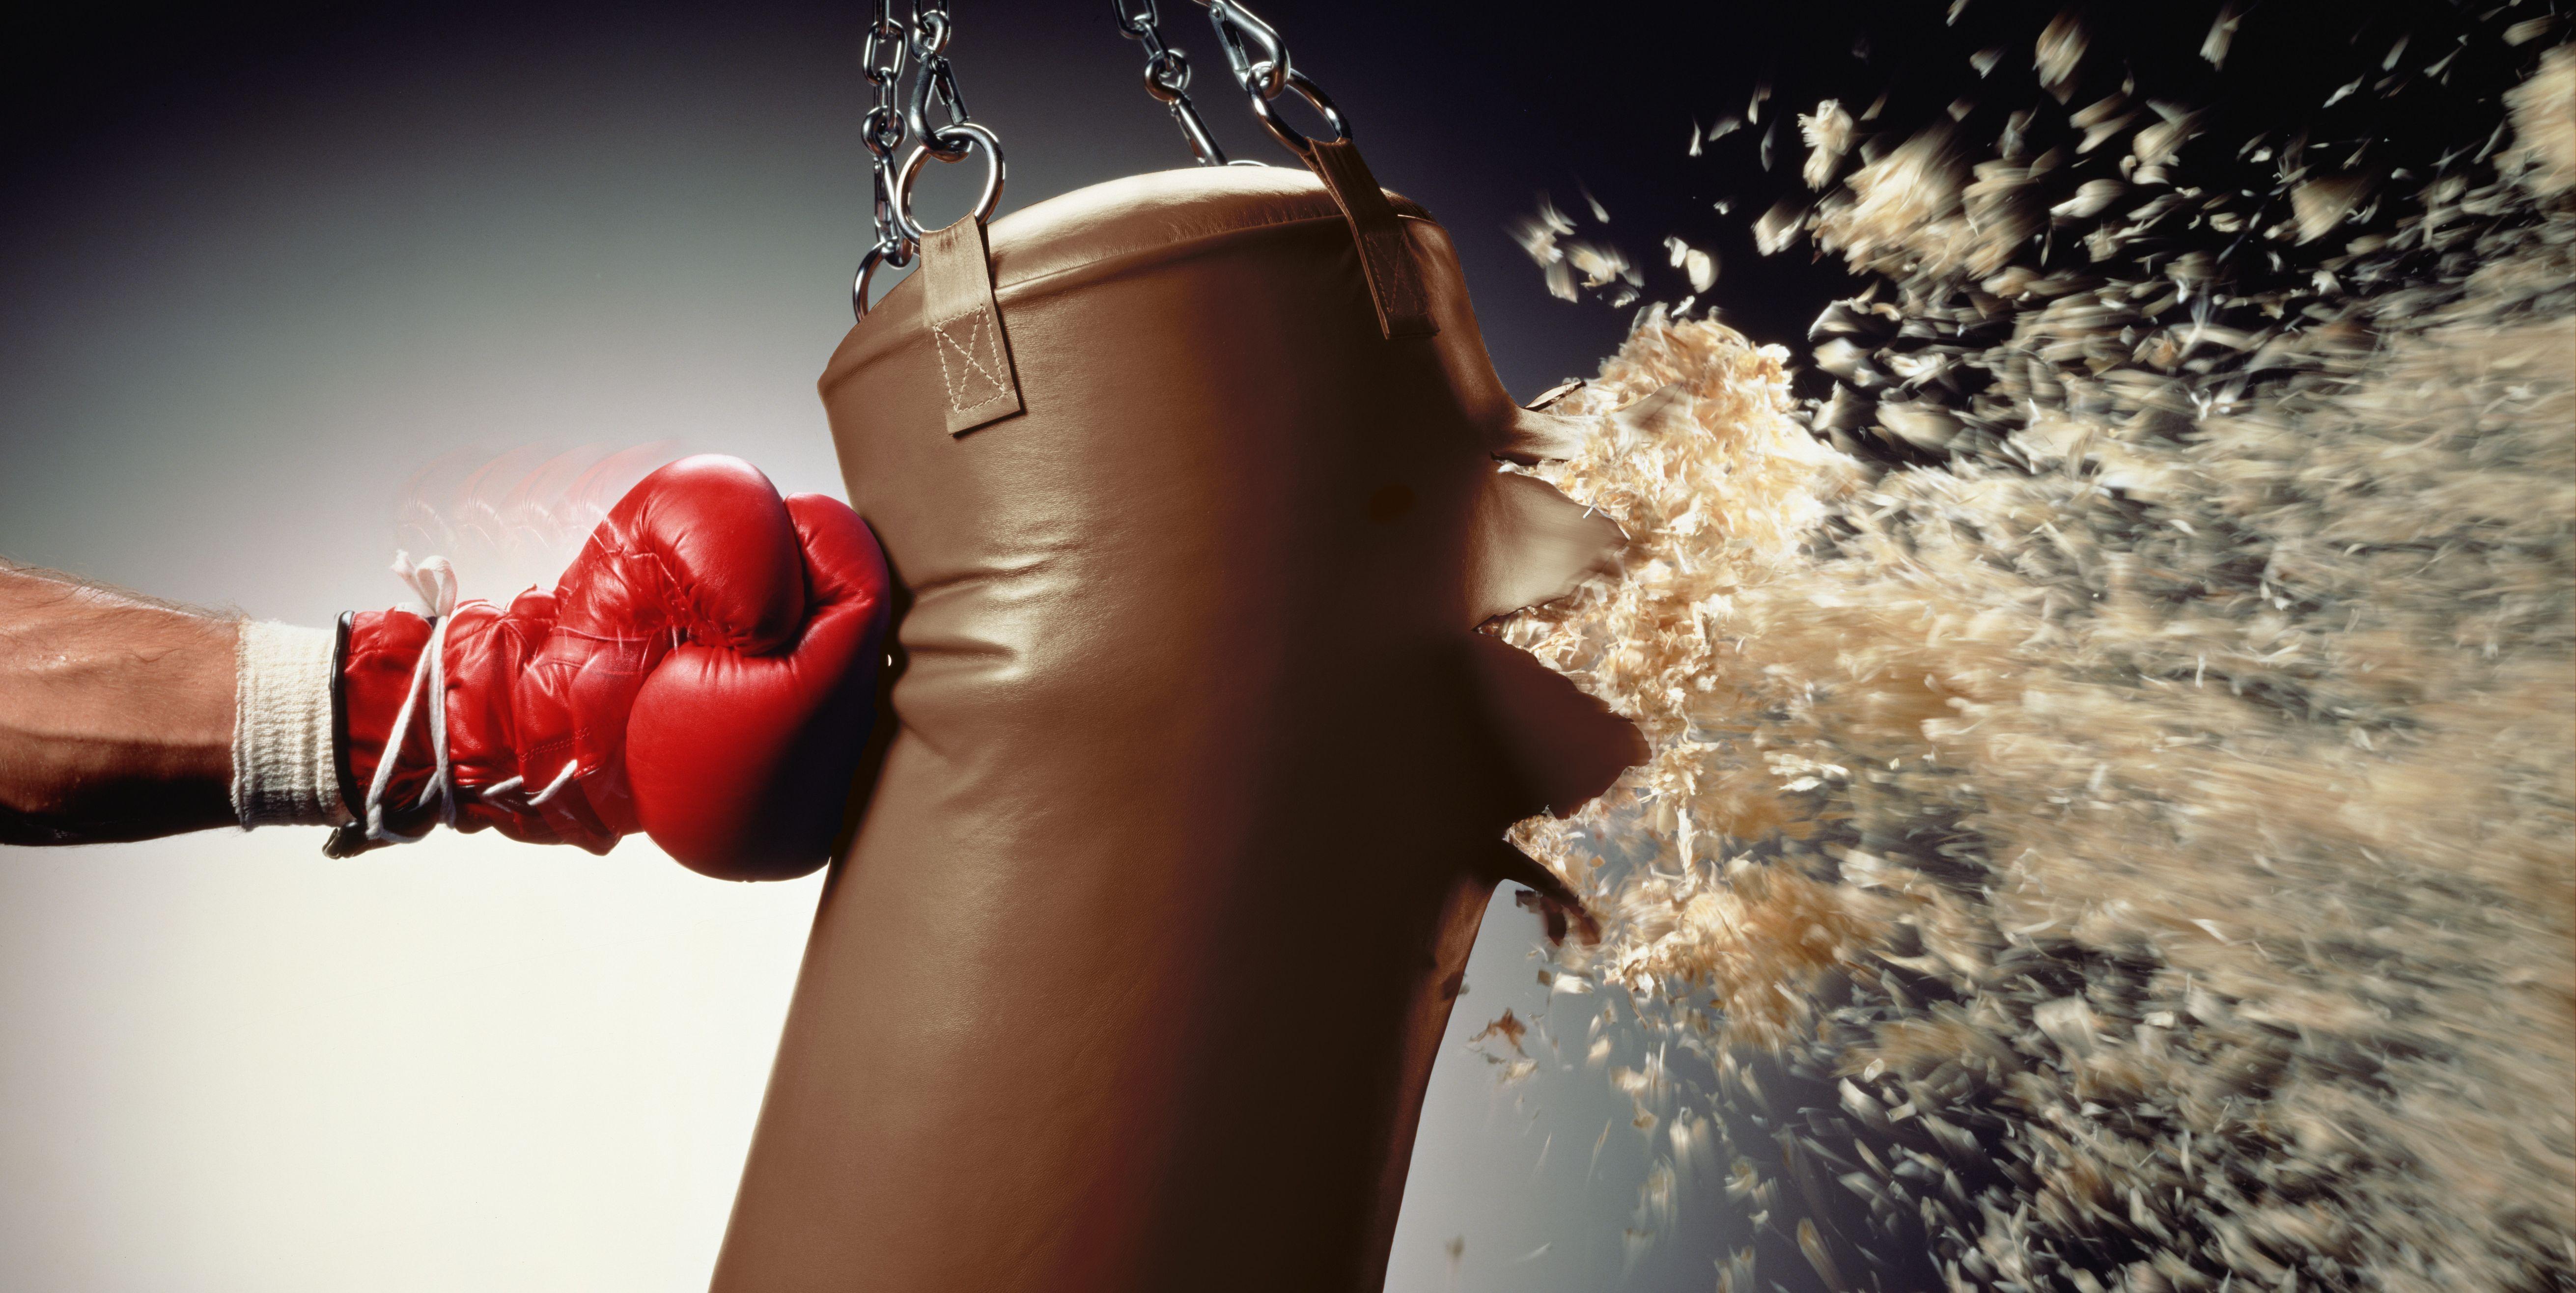 Сколько унций брать боксёрские перчатки?